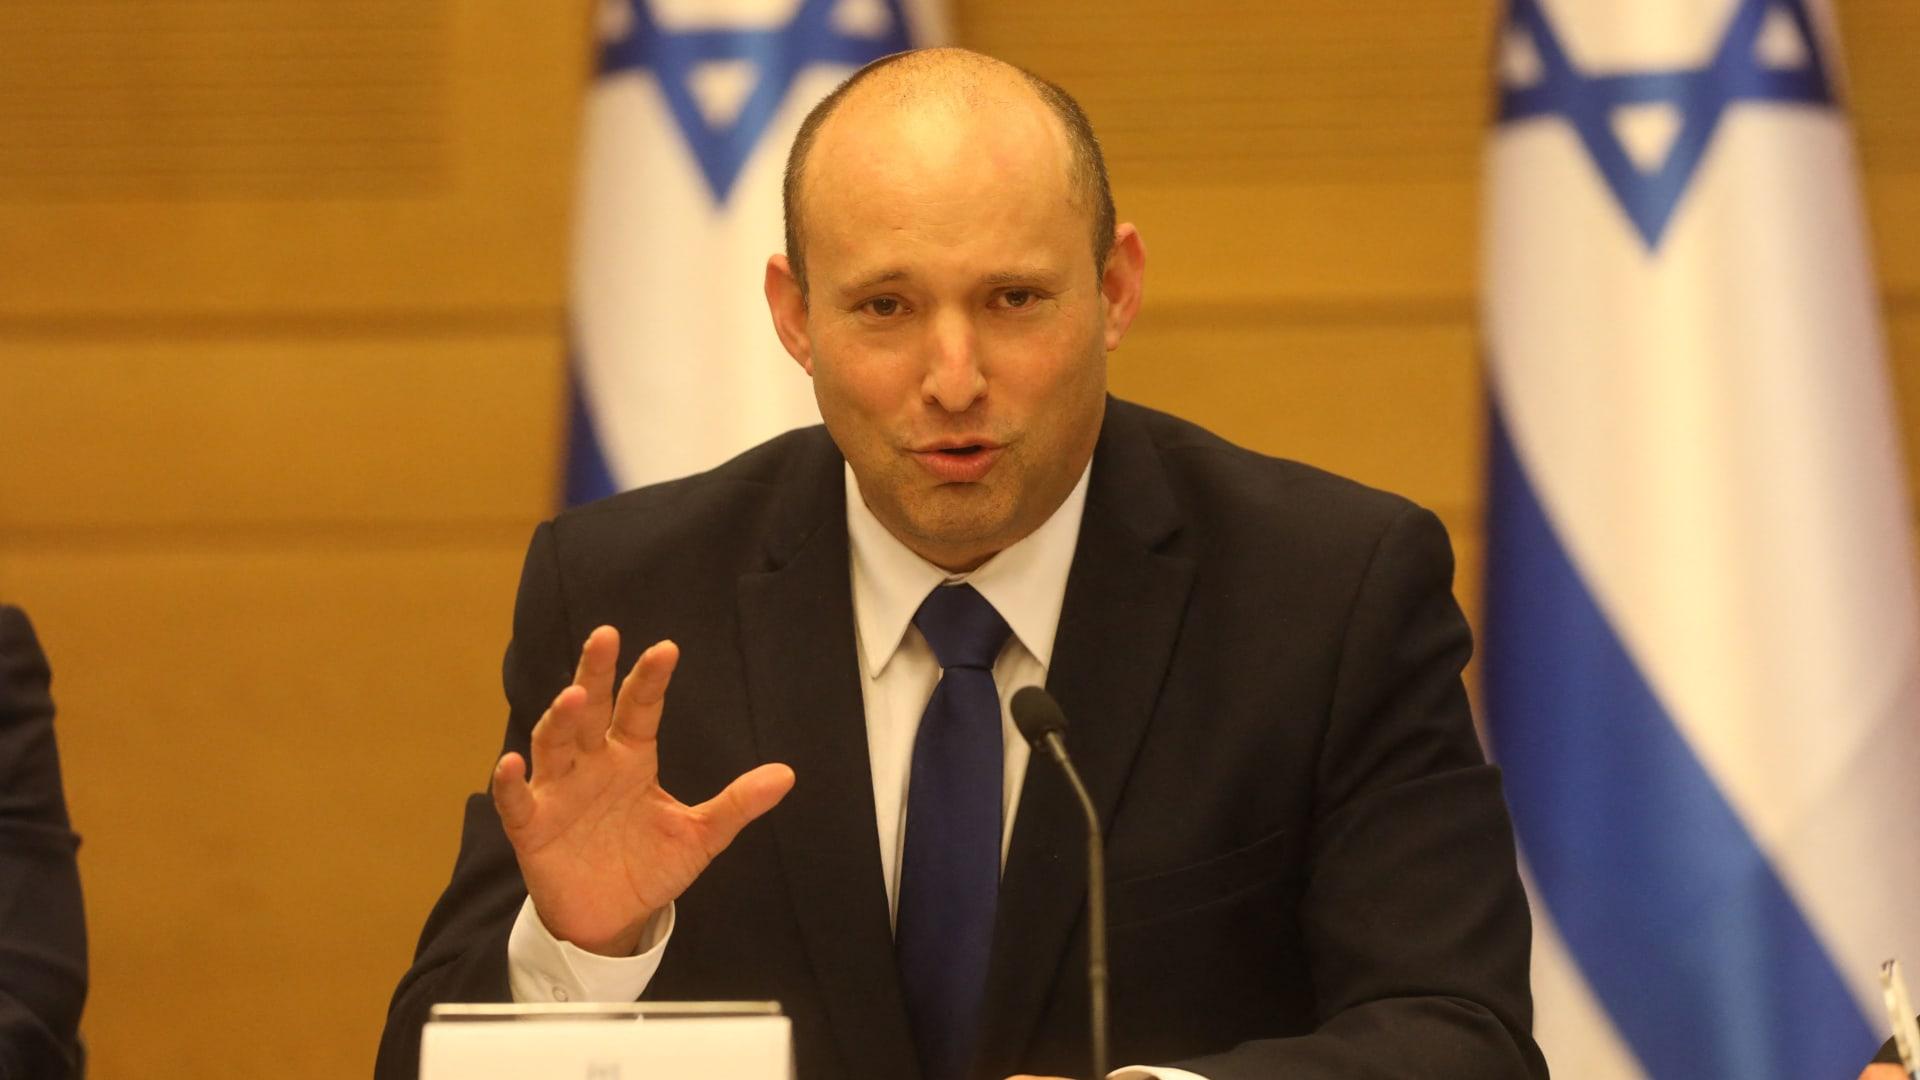 الأيام الأولى لرئيس وزراء إسرائيل الجديد.. كيف تبدو؟